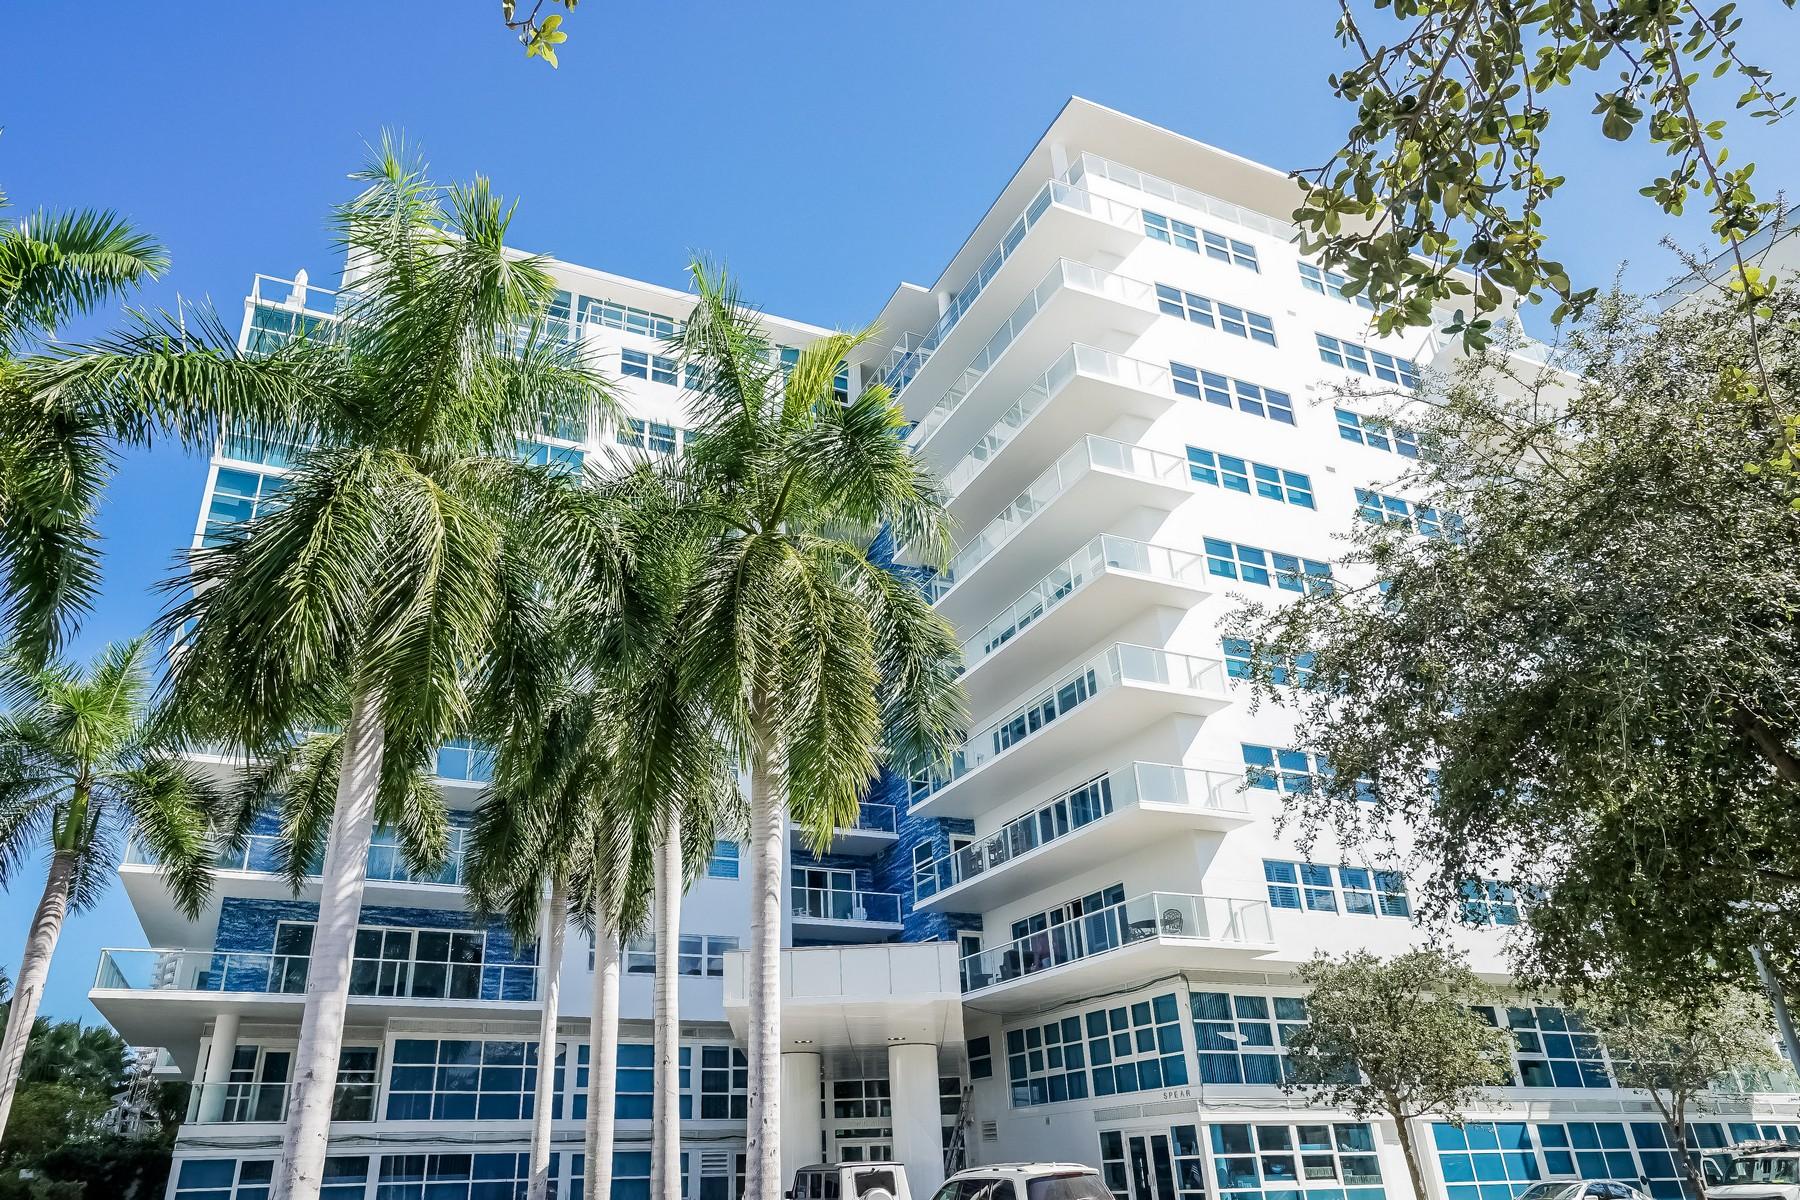 Maison unifamiliale pour l Vente à 6103 Aqua Ave #301 Miami Beach, Florida 33141 États-Unis